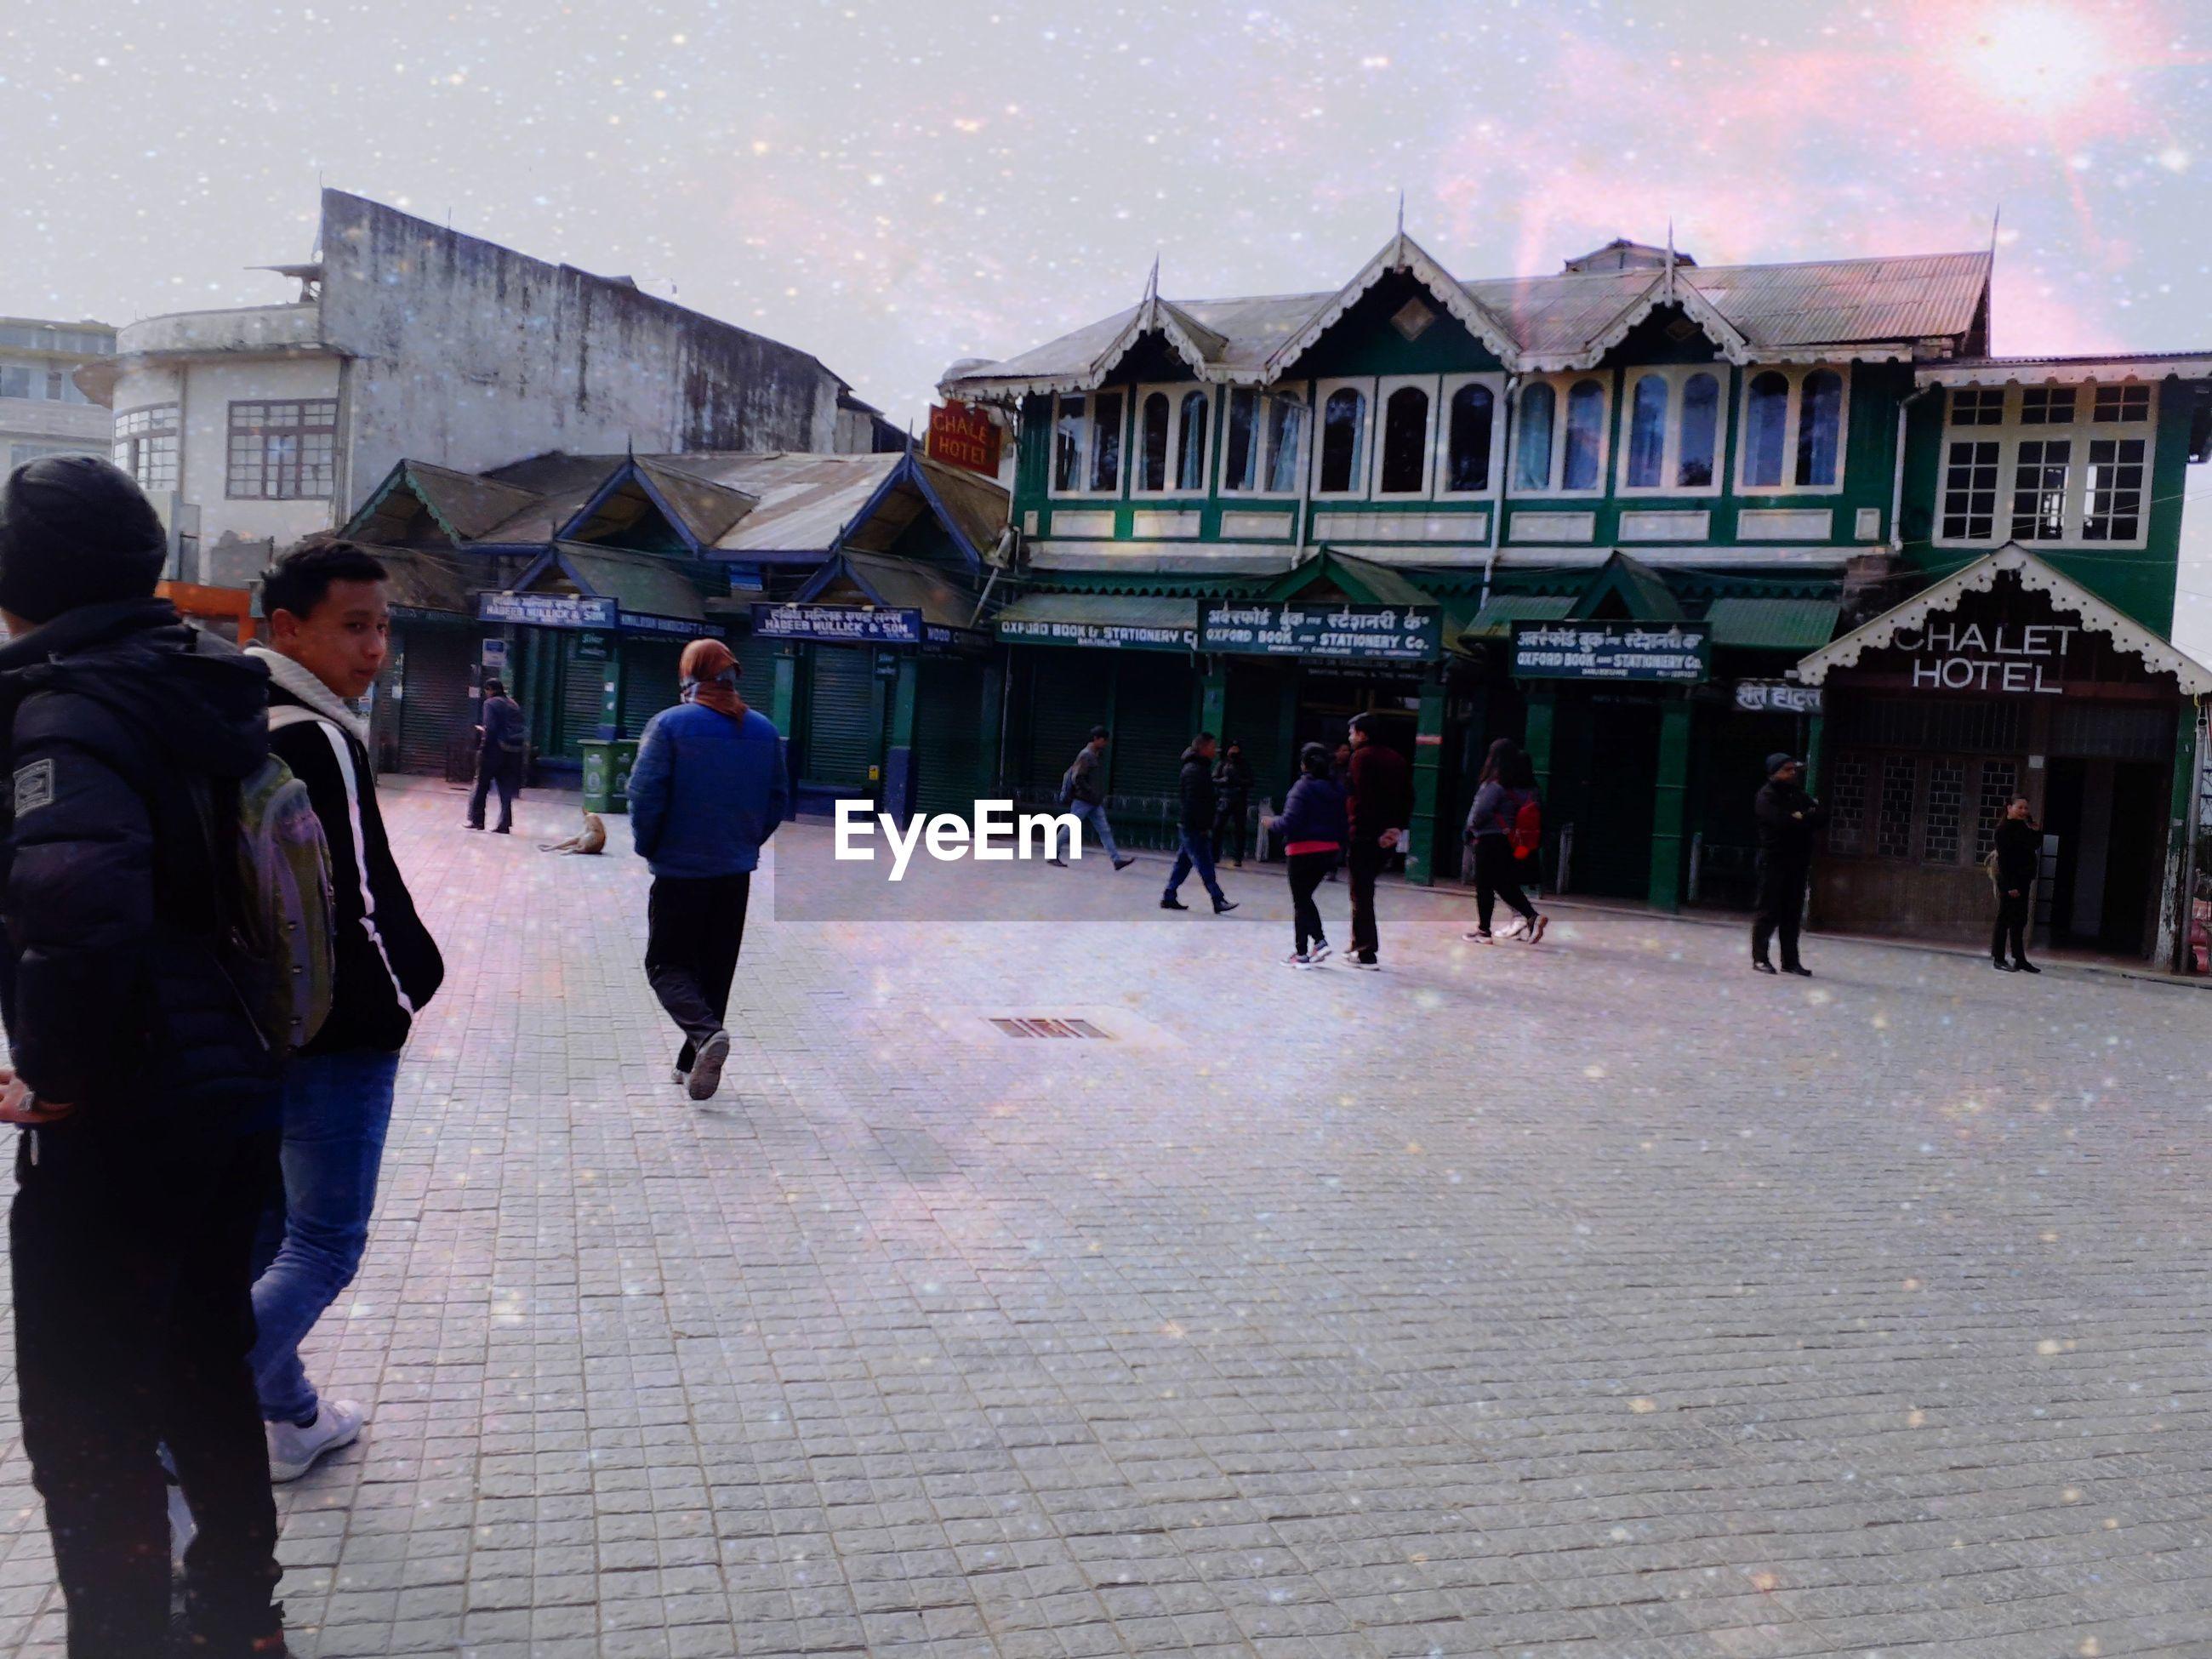 PEOPLE WALKING ON STREET AGAINST BUILDINGS